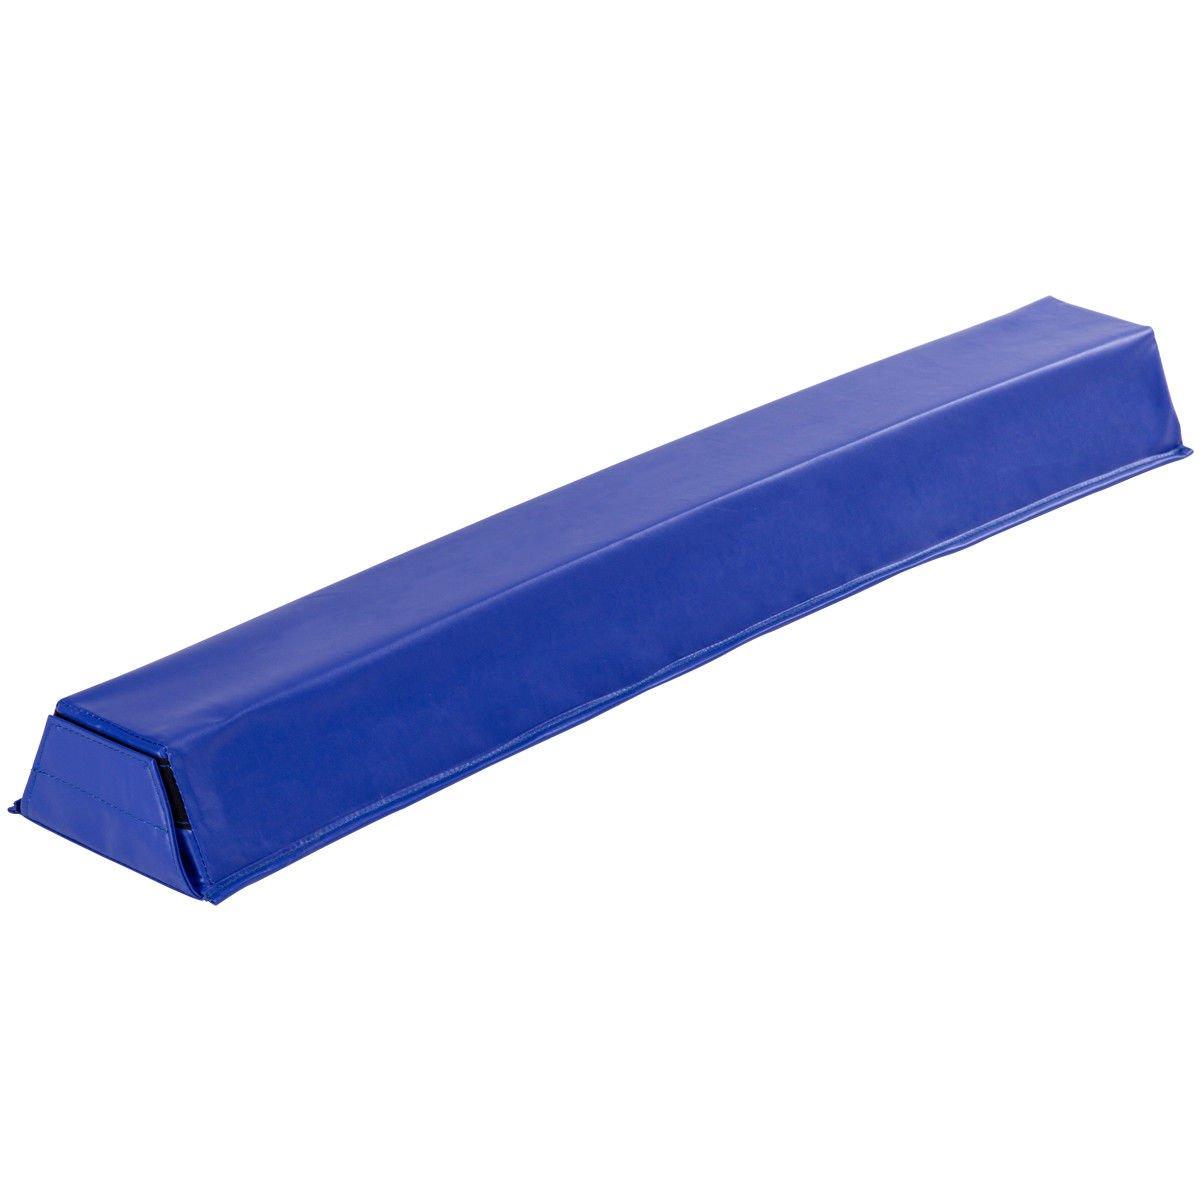 4 'ブルー床バランスビーム